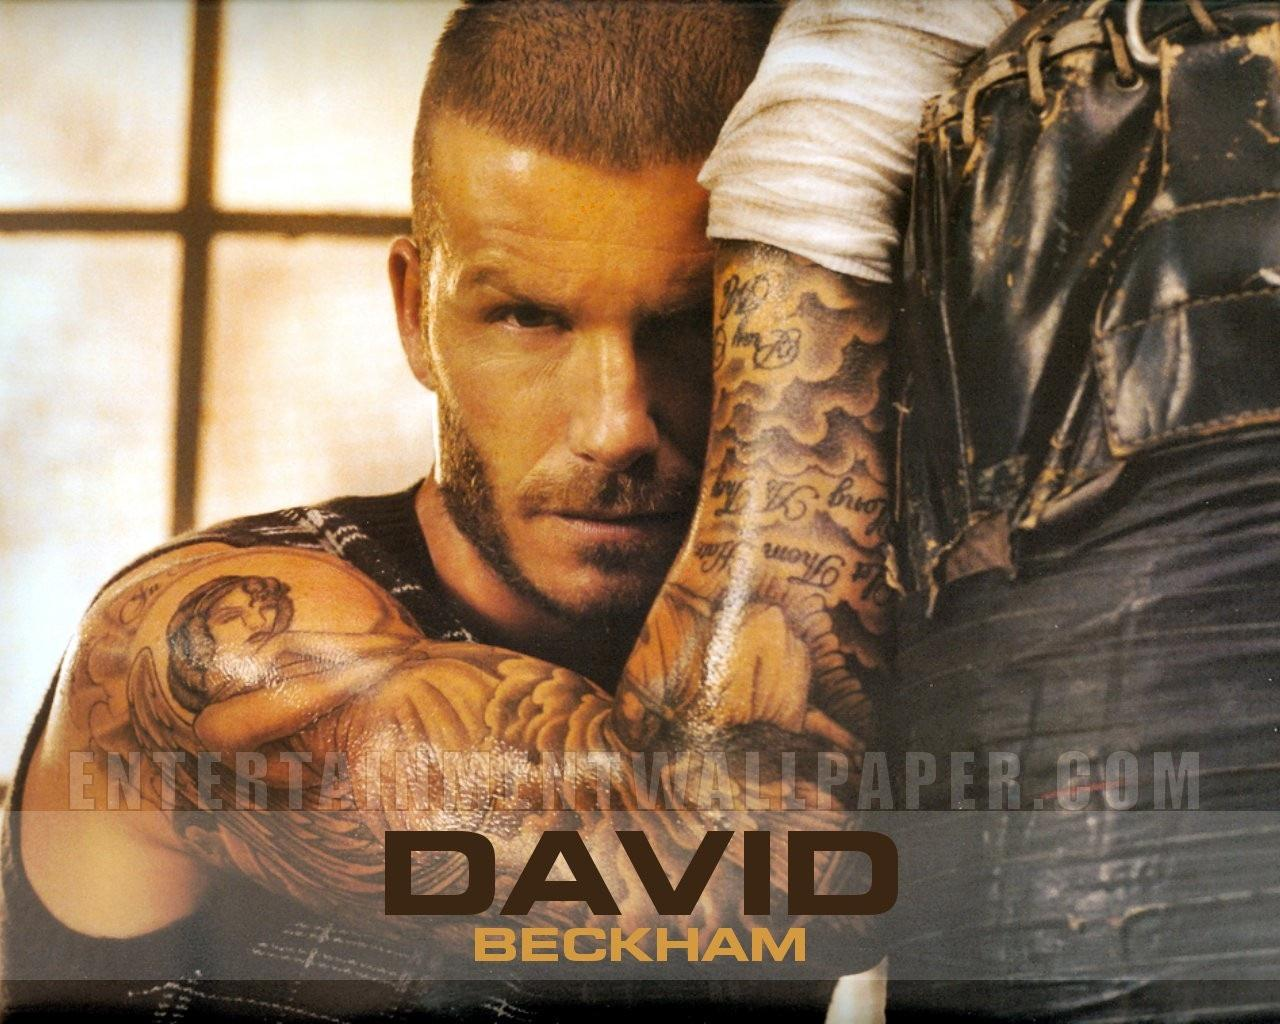 http://2.bp.blogspot.com/-a4Kic-XoH8Y/UOaJyT4xm7I/AAAAAAAALiA/ni22XR4YOzE/s1600/david-beckham-tattoo-wallpaper-1073789699.jpg